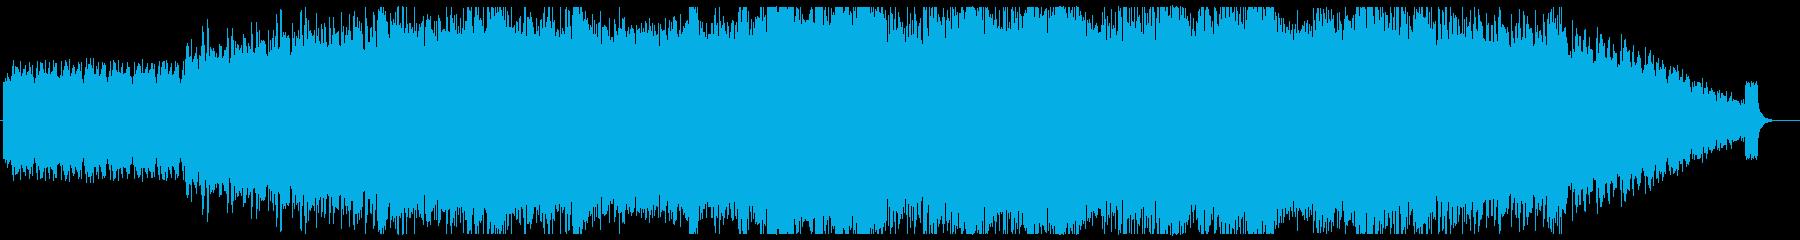 神秘的/ピアノ/アンビエントの再生済みの波形